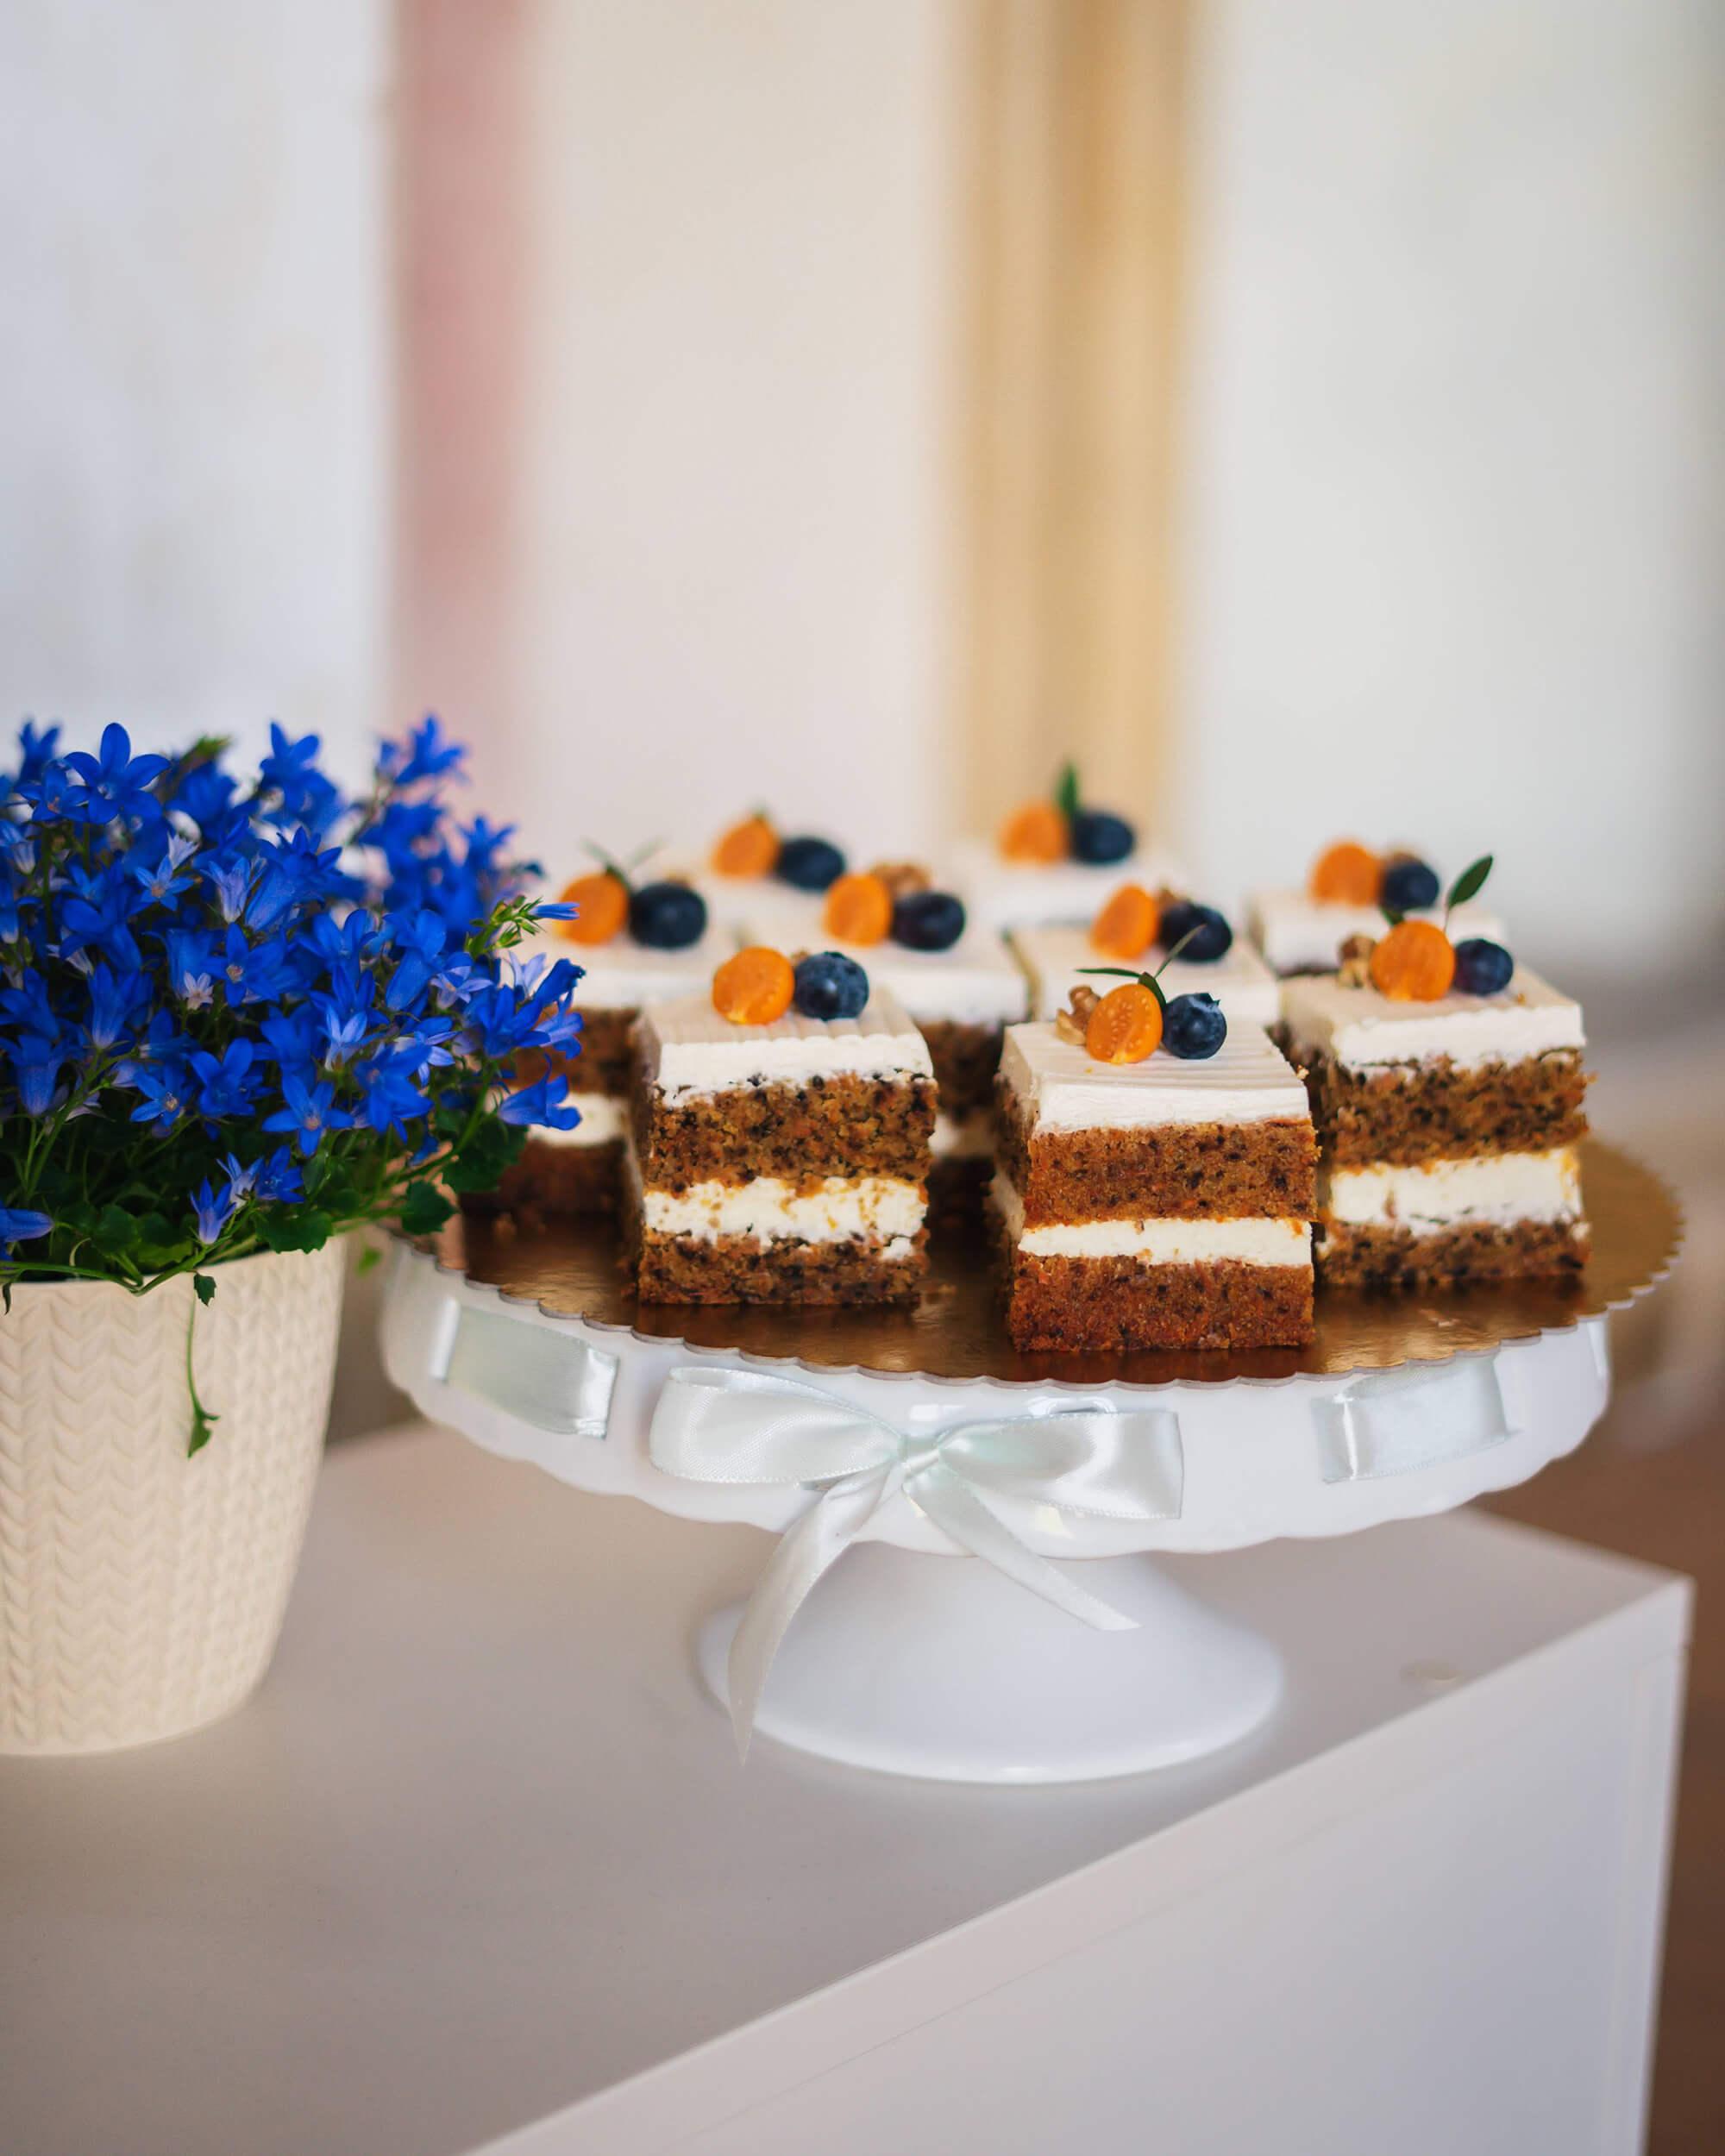 Občerstvení v kavárně - mrkvový dort